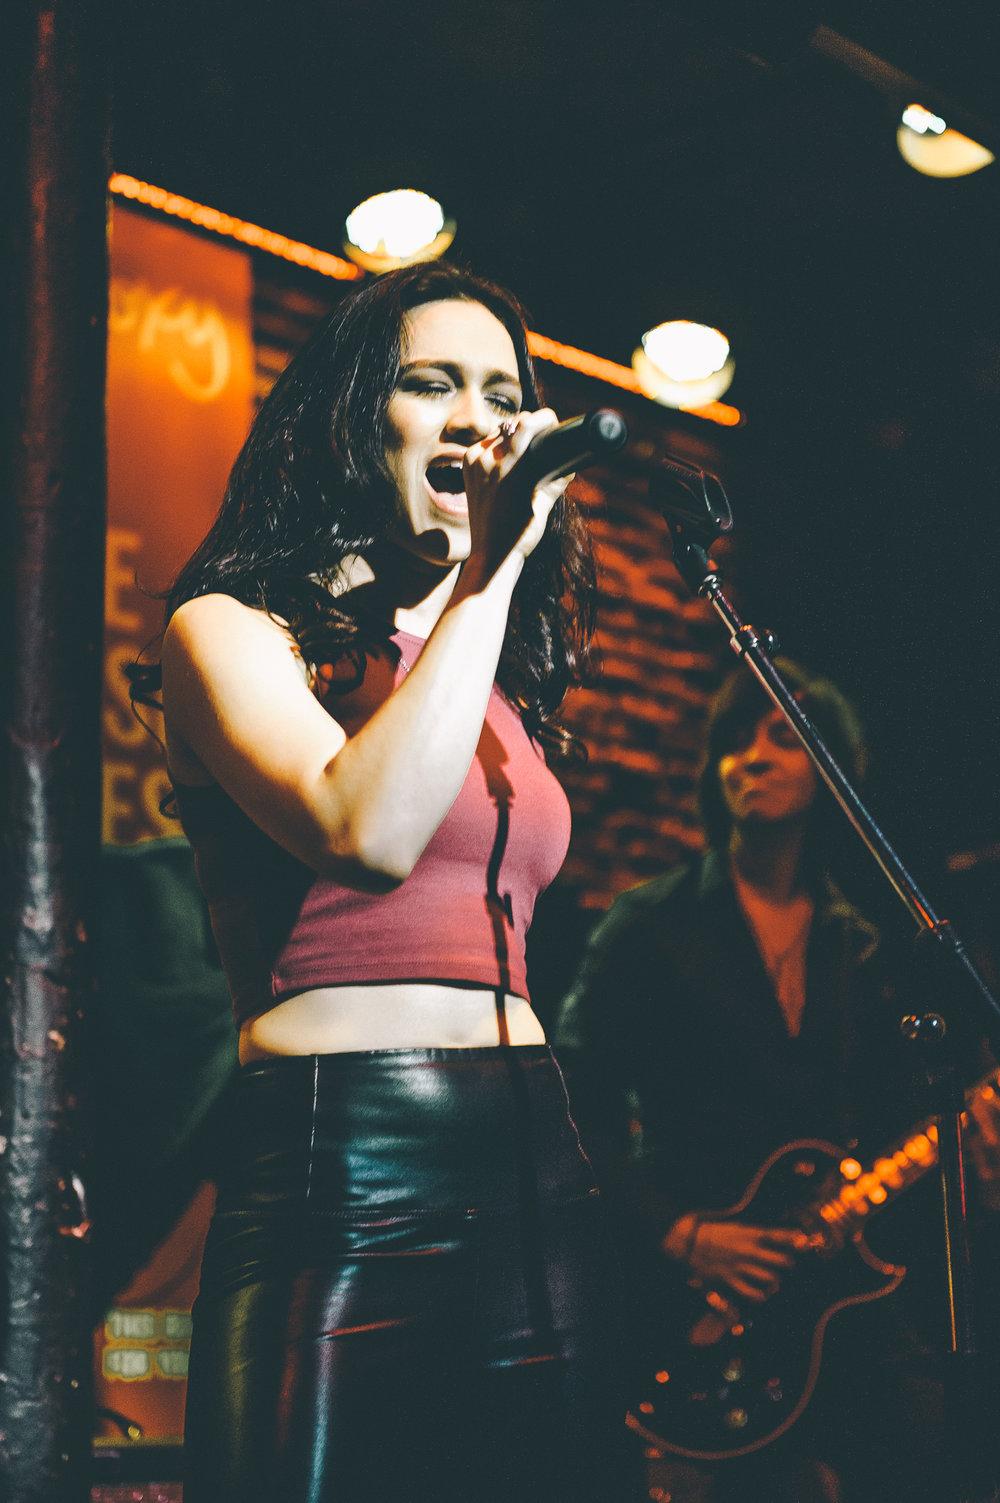 4_Kristin_Bunyan-Roxy_Cabaret-Timothy_Nguyen-20170326 (2 of 35).jpg